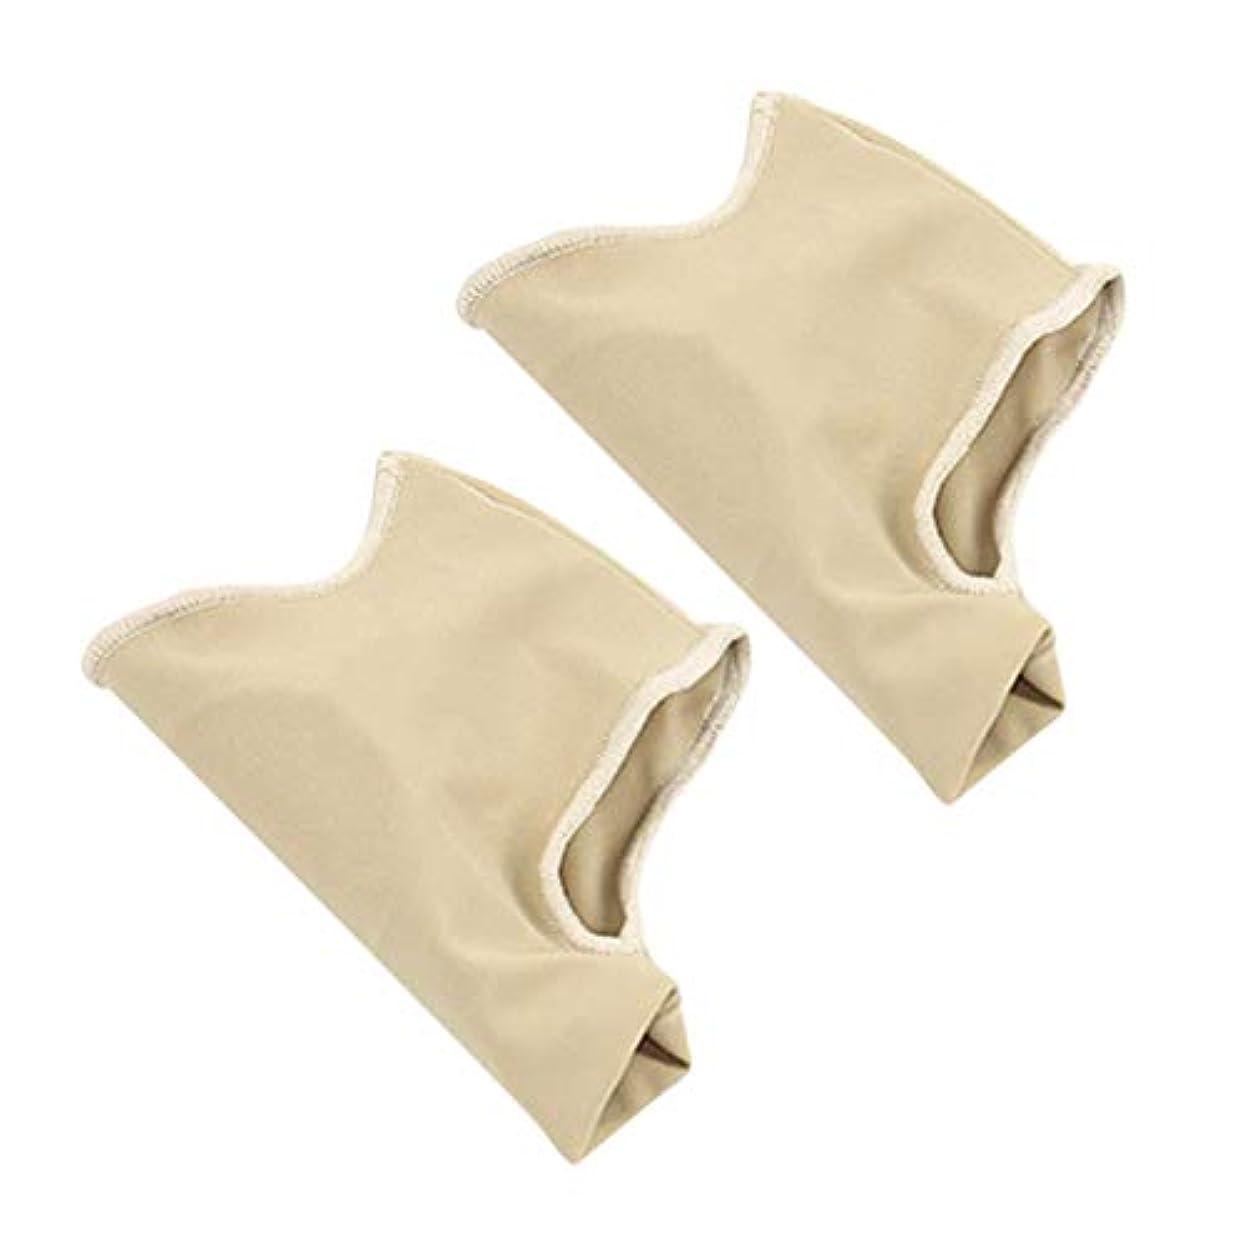 リー不当運賃SUPVOX 1組の腱膜瘤矯正腱膜瘤プロテクタースリーブ足の親指をリラックスさせるための足指矯正カバー